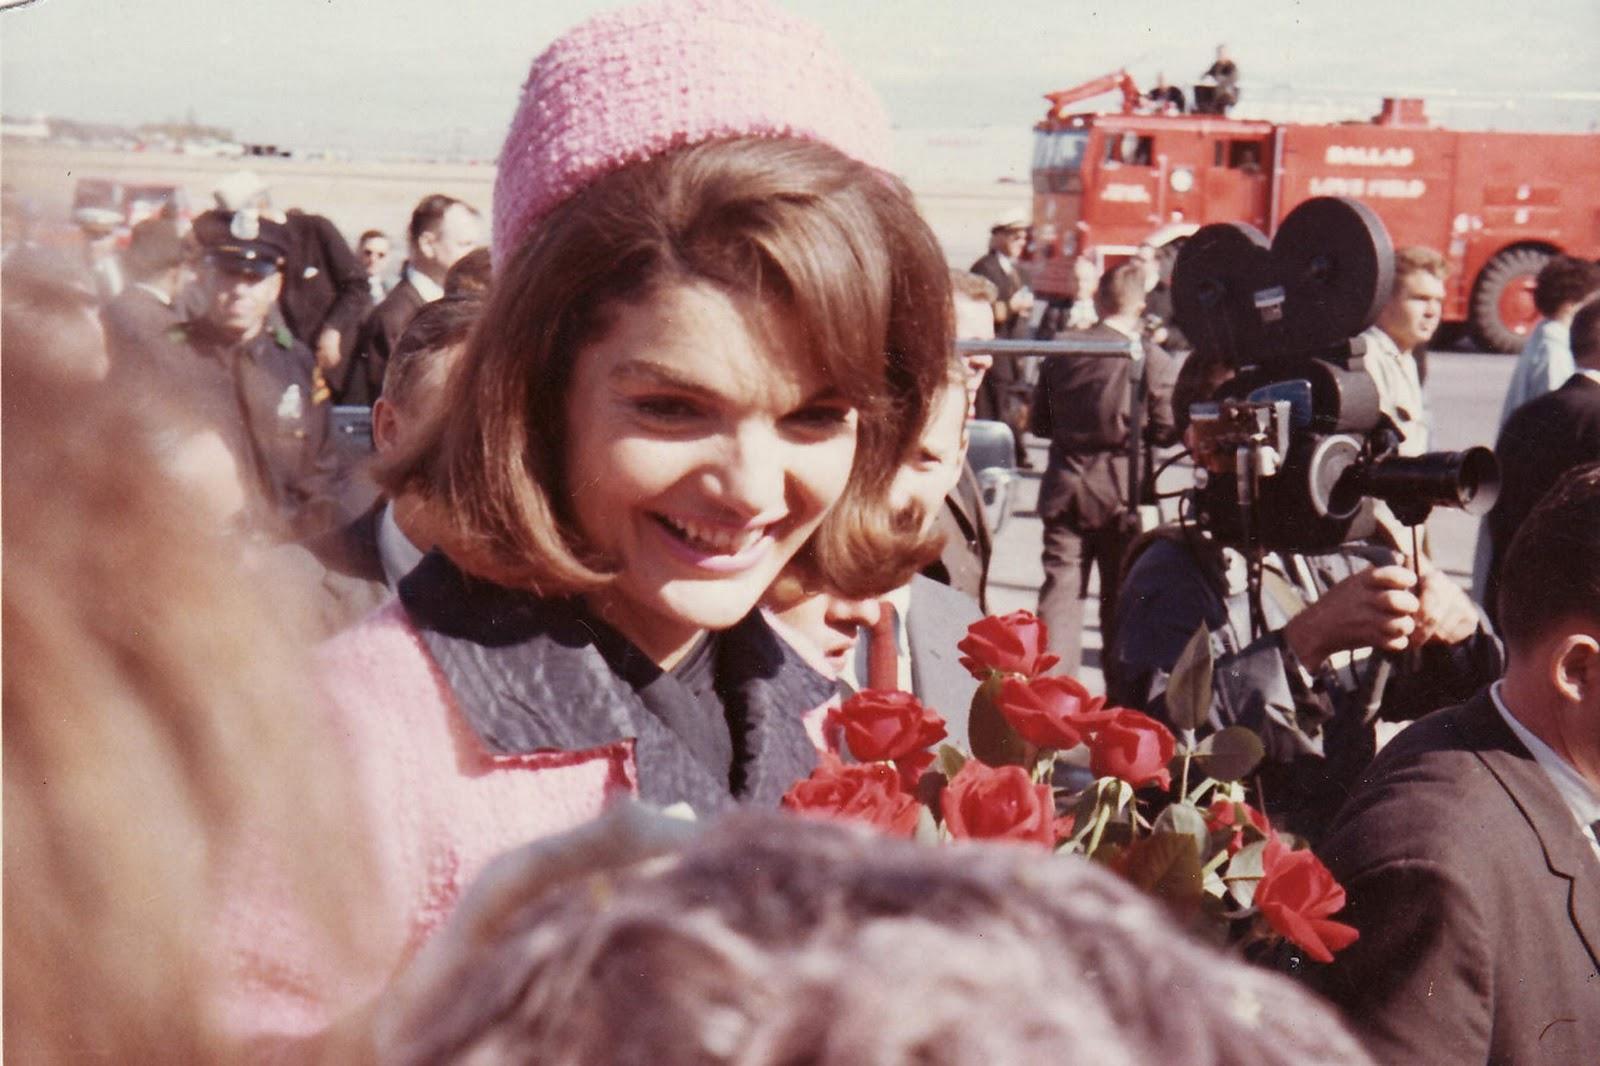 http://2.bp.blogspot.com/_qkdu4uOwe4A/TSjg-k2krNI/AAAAAAAABgQ/cURVCqId8kU/s1600/Jackie+Kennedy.jpg